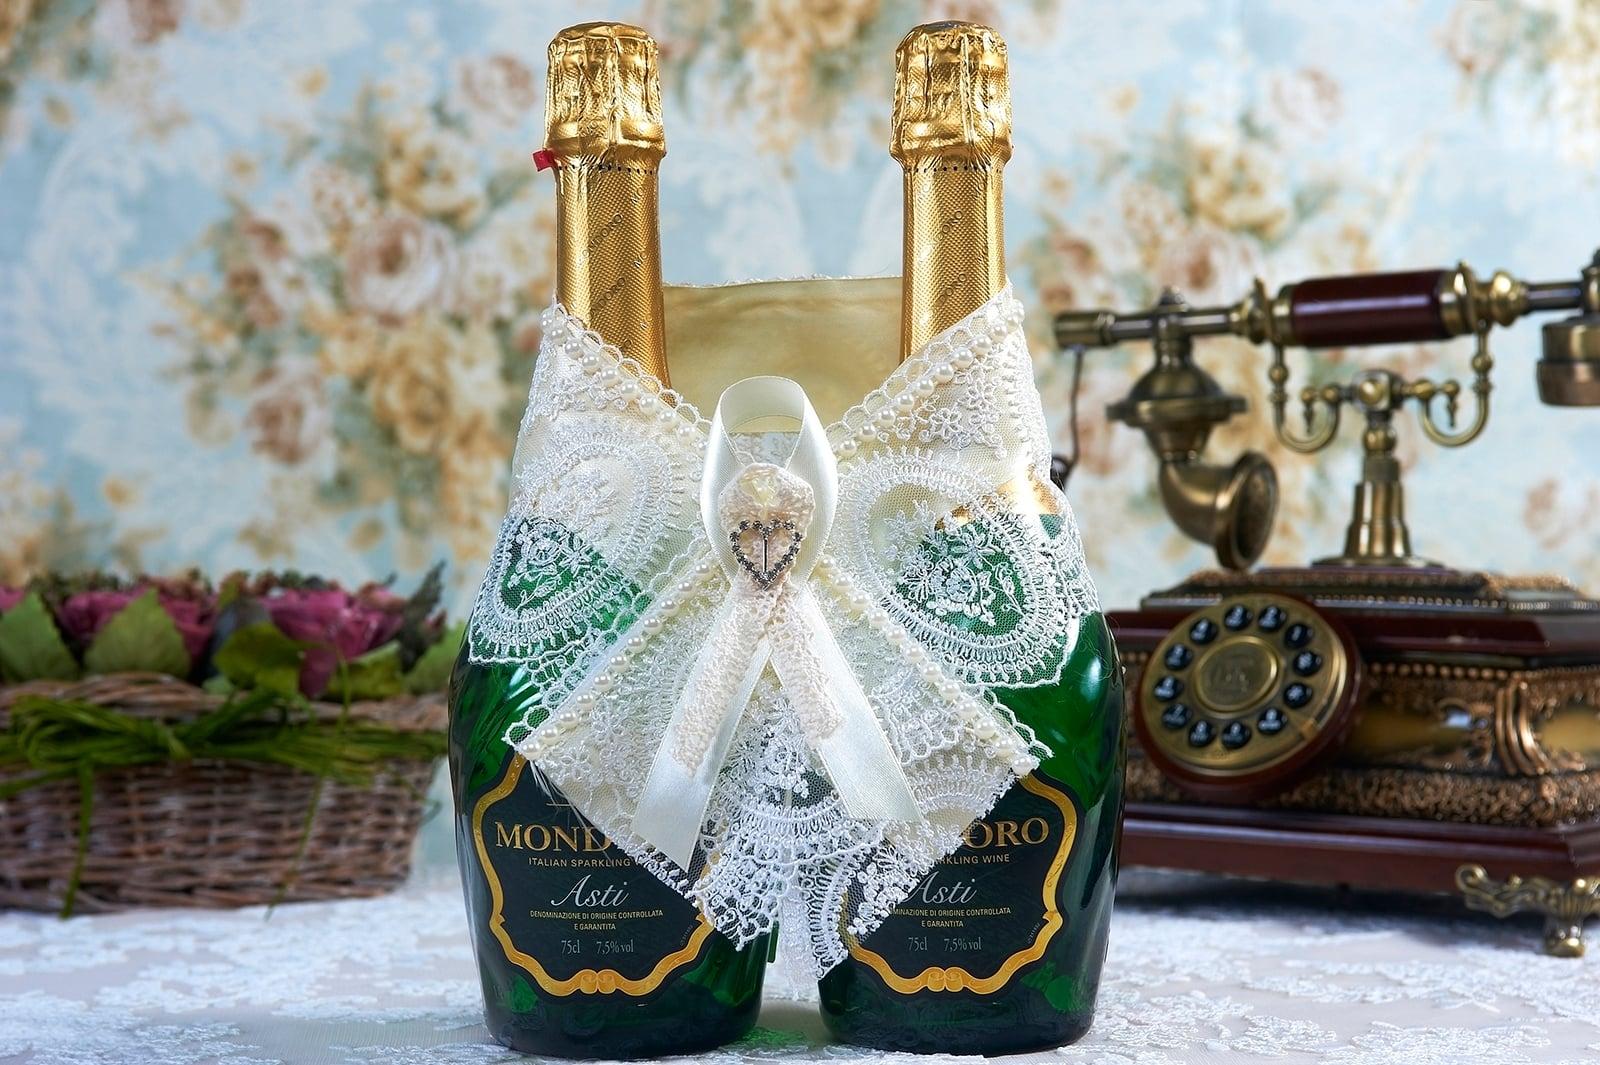 Роскошное кружевное украшение для шампанского с атласной лентой.